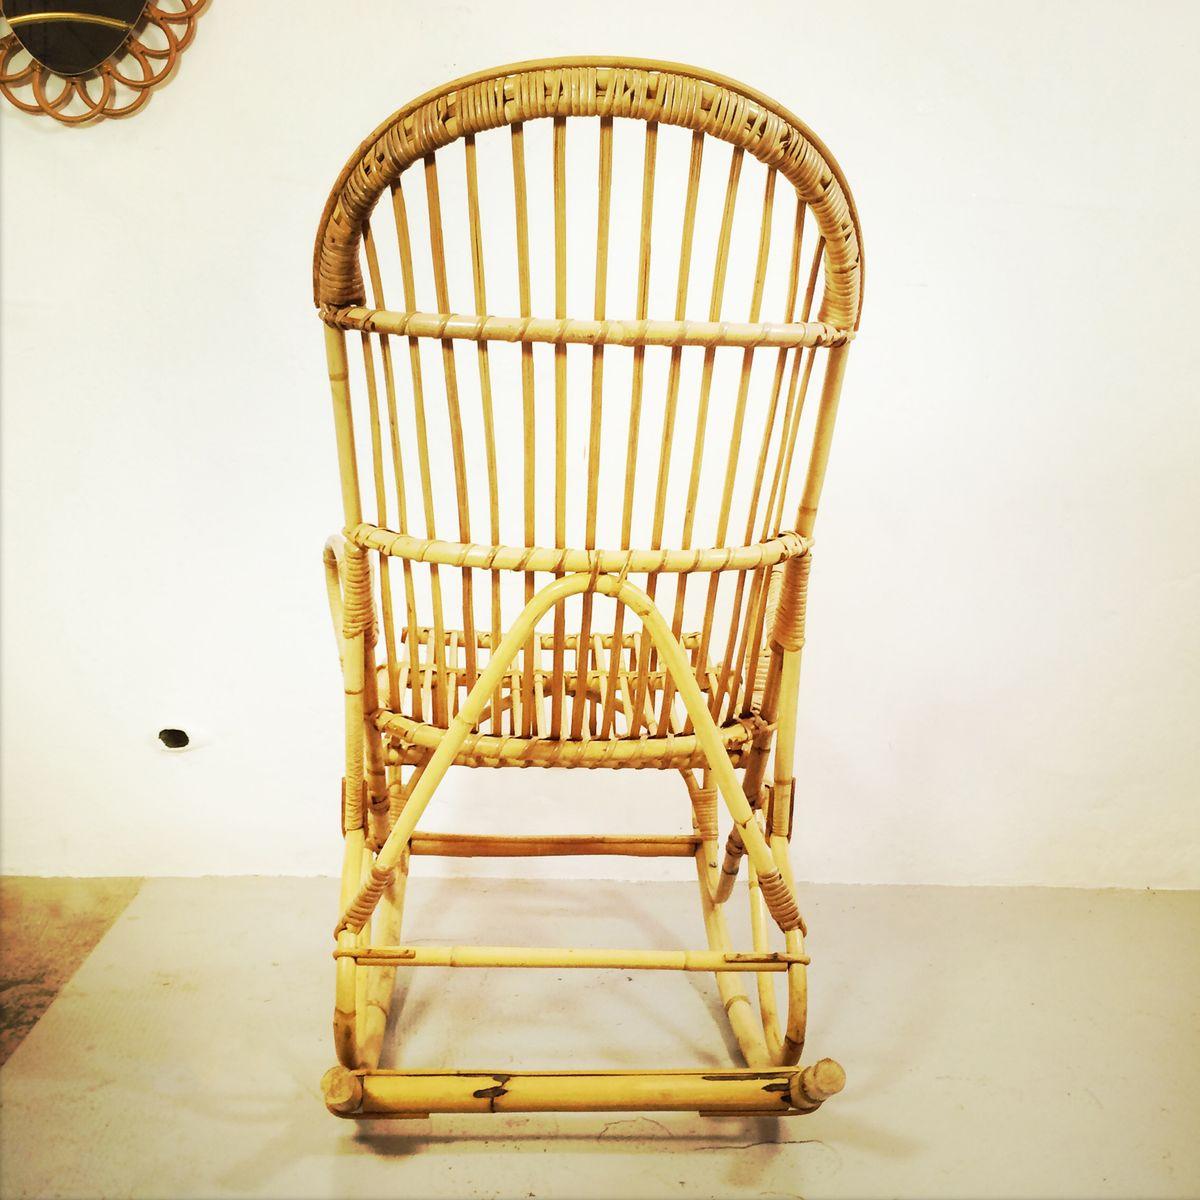 franz sischer vintage bambus schaukelstuhl bei pamono kaufen. Black Bedroom Furniture Sets. Home Design Ideas